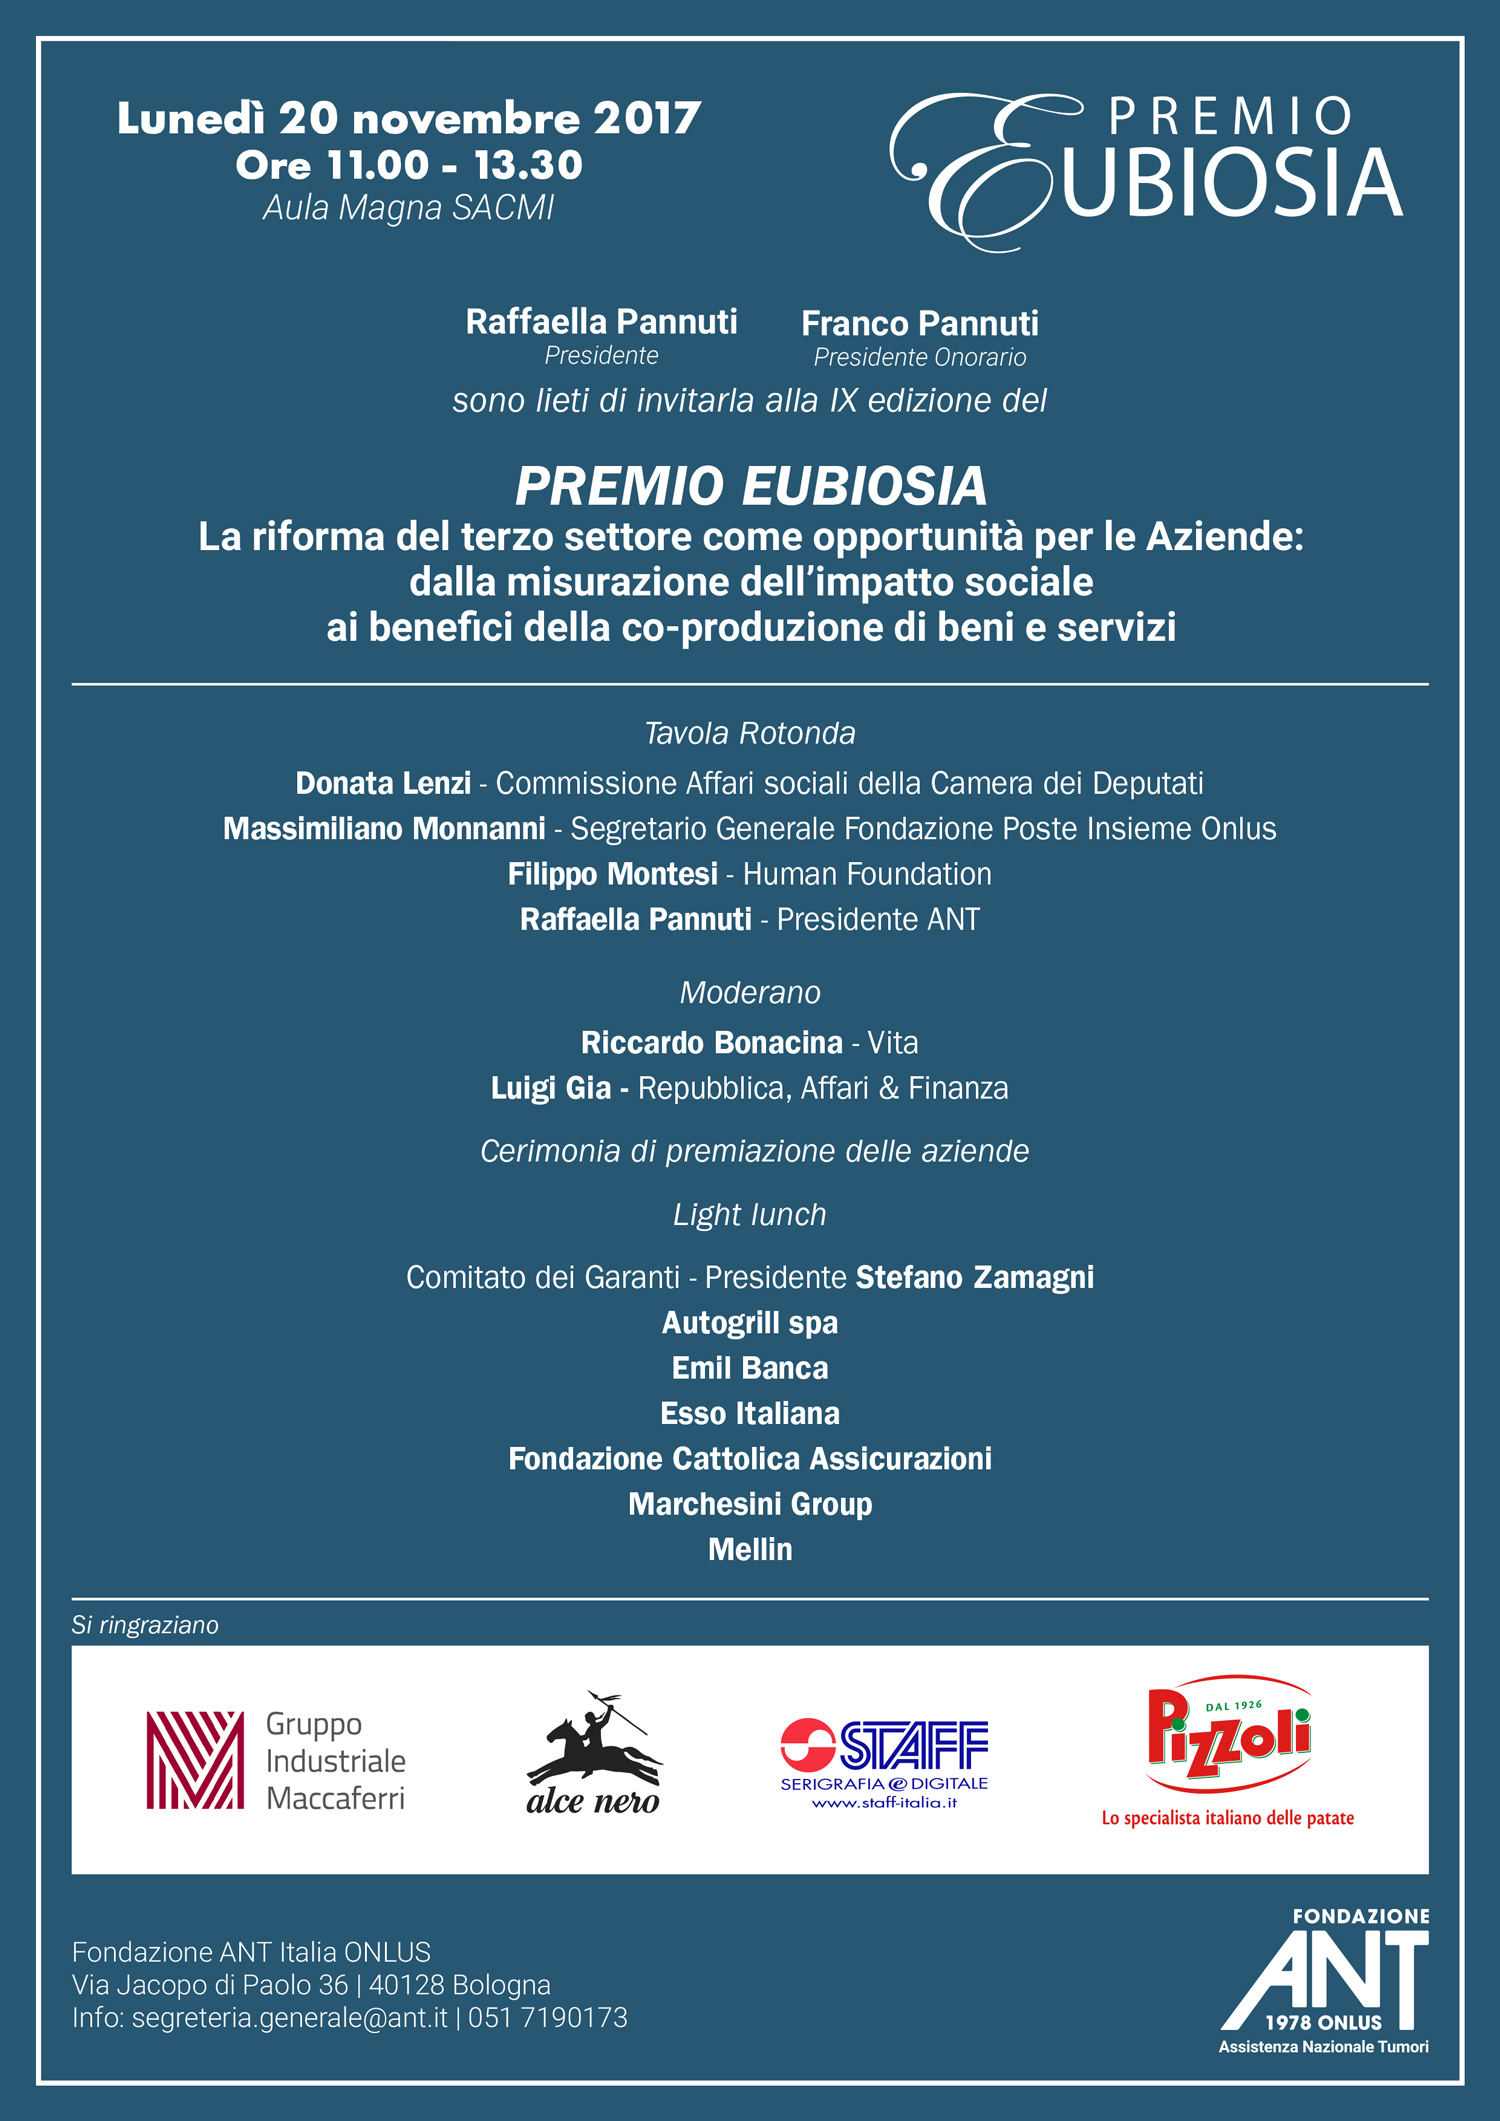 Invito_Premio_Eubiosia-2017-BO